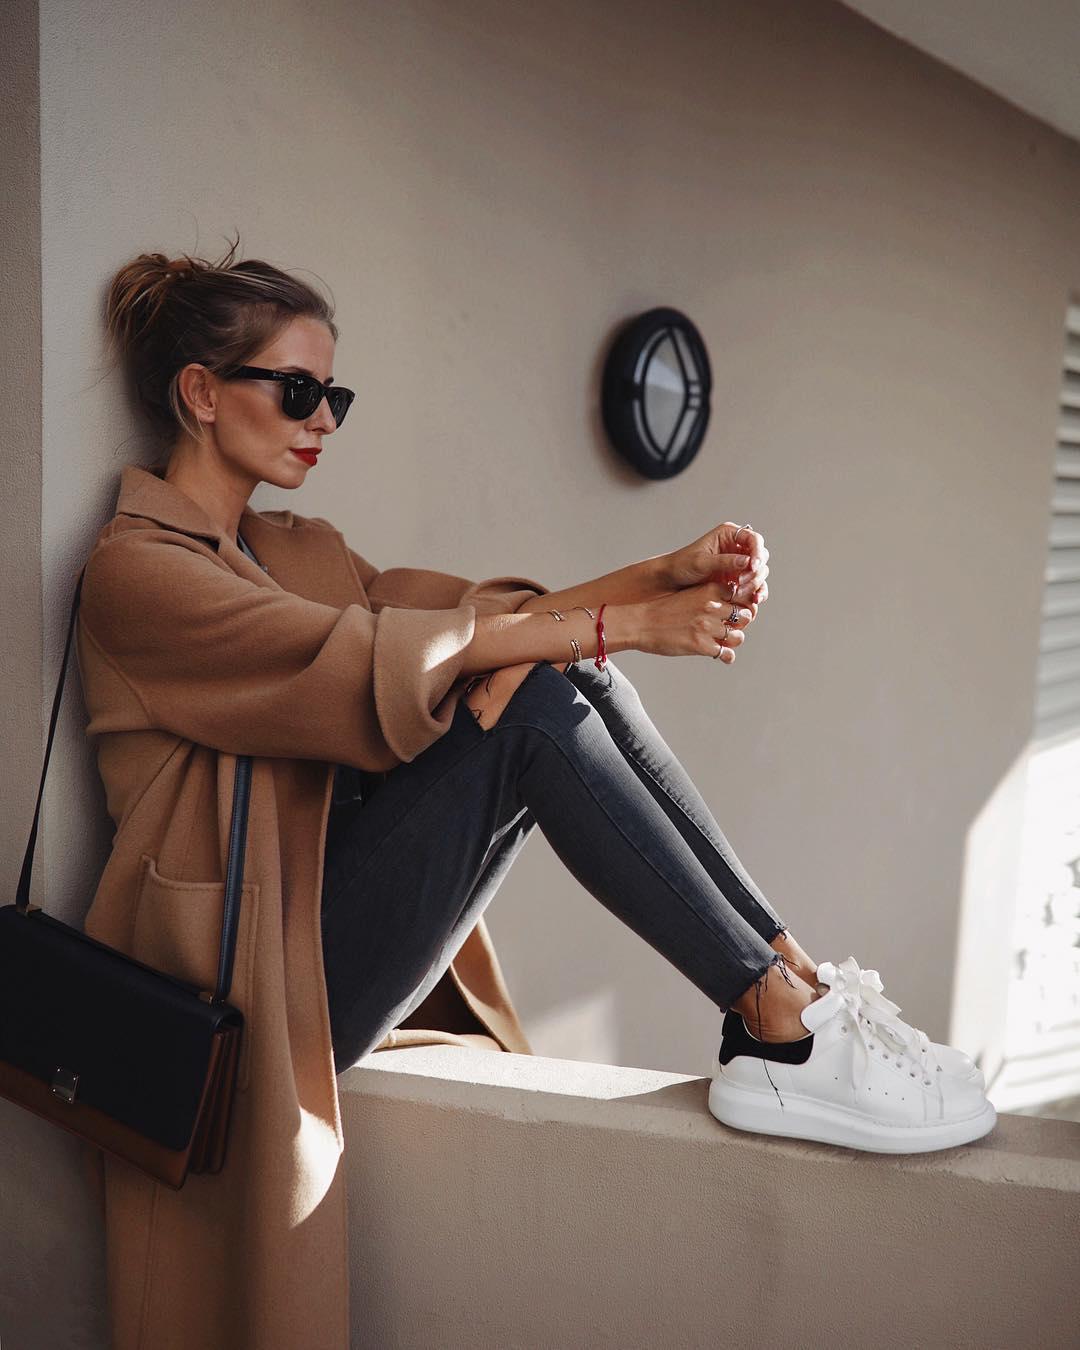 джинсы с кроссовками и кедами фото 14